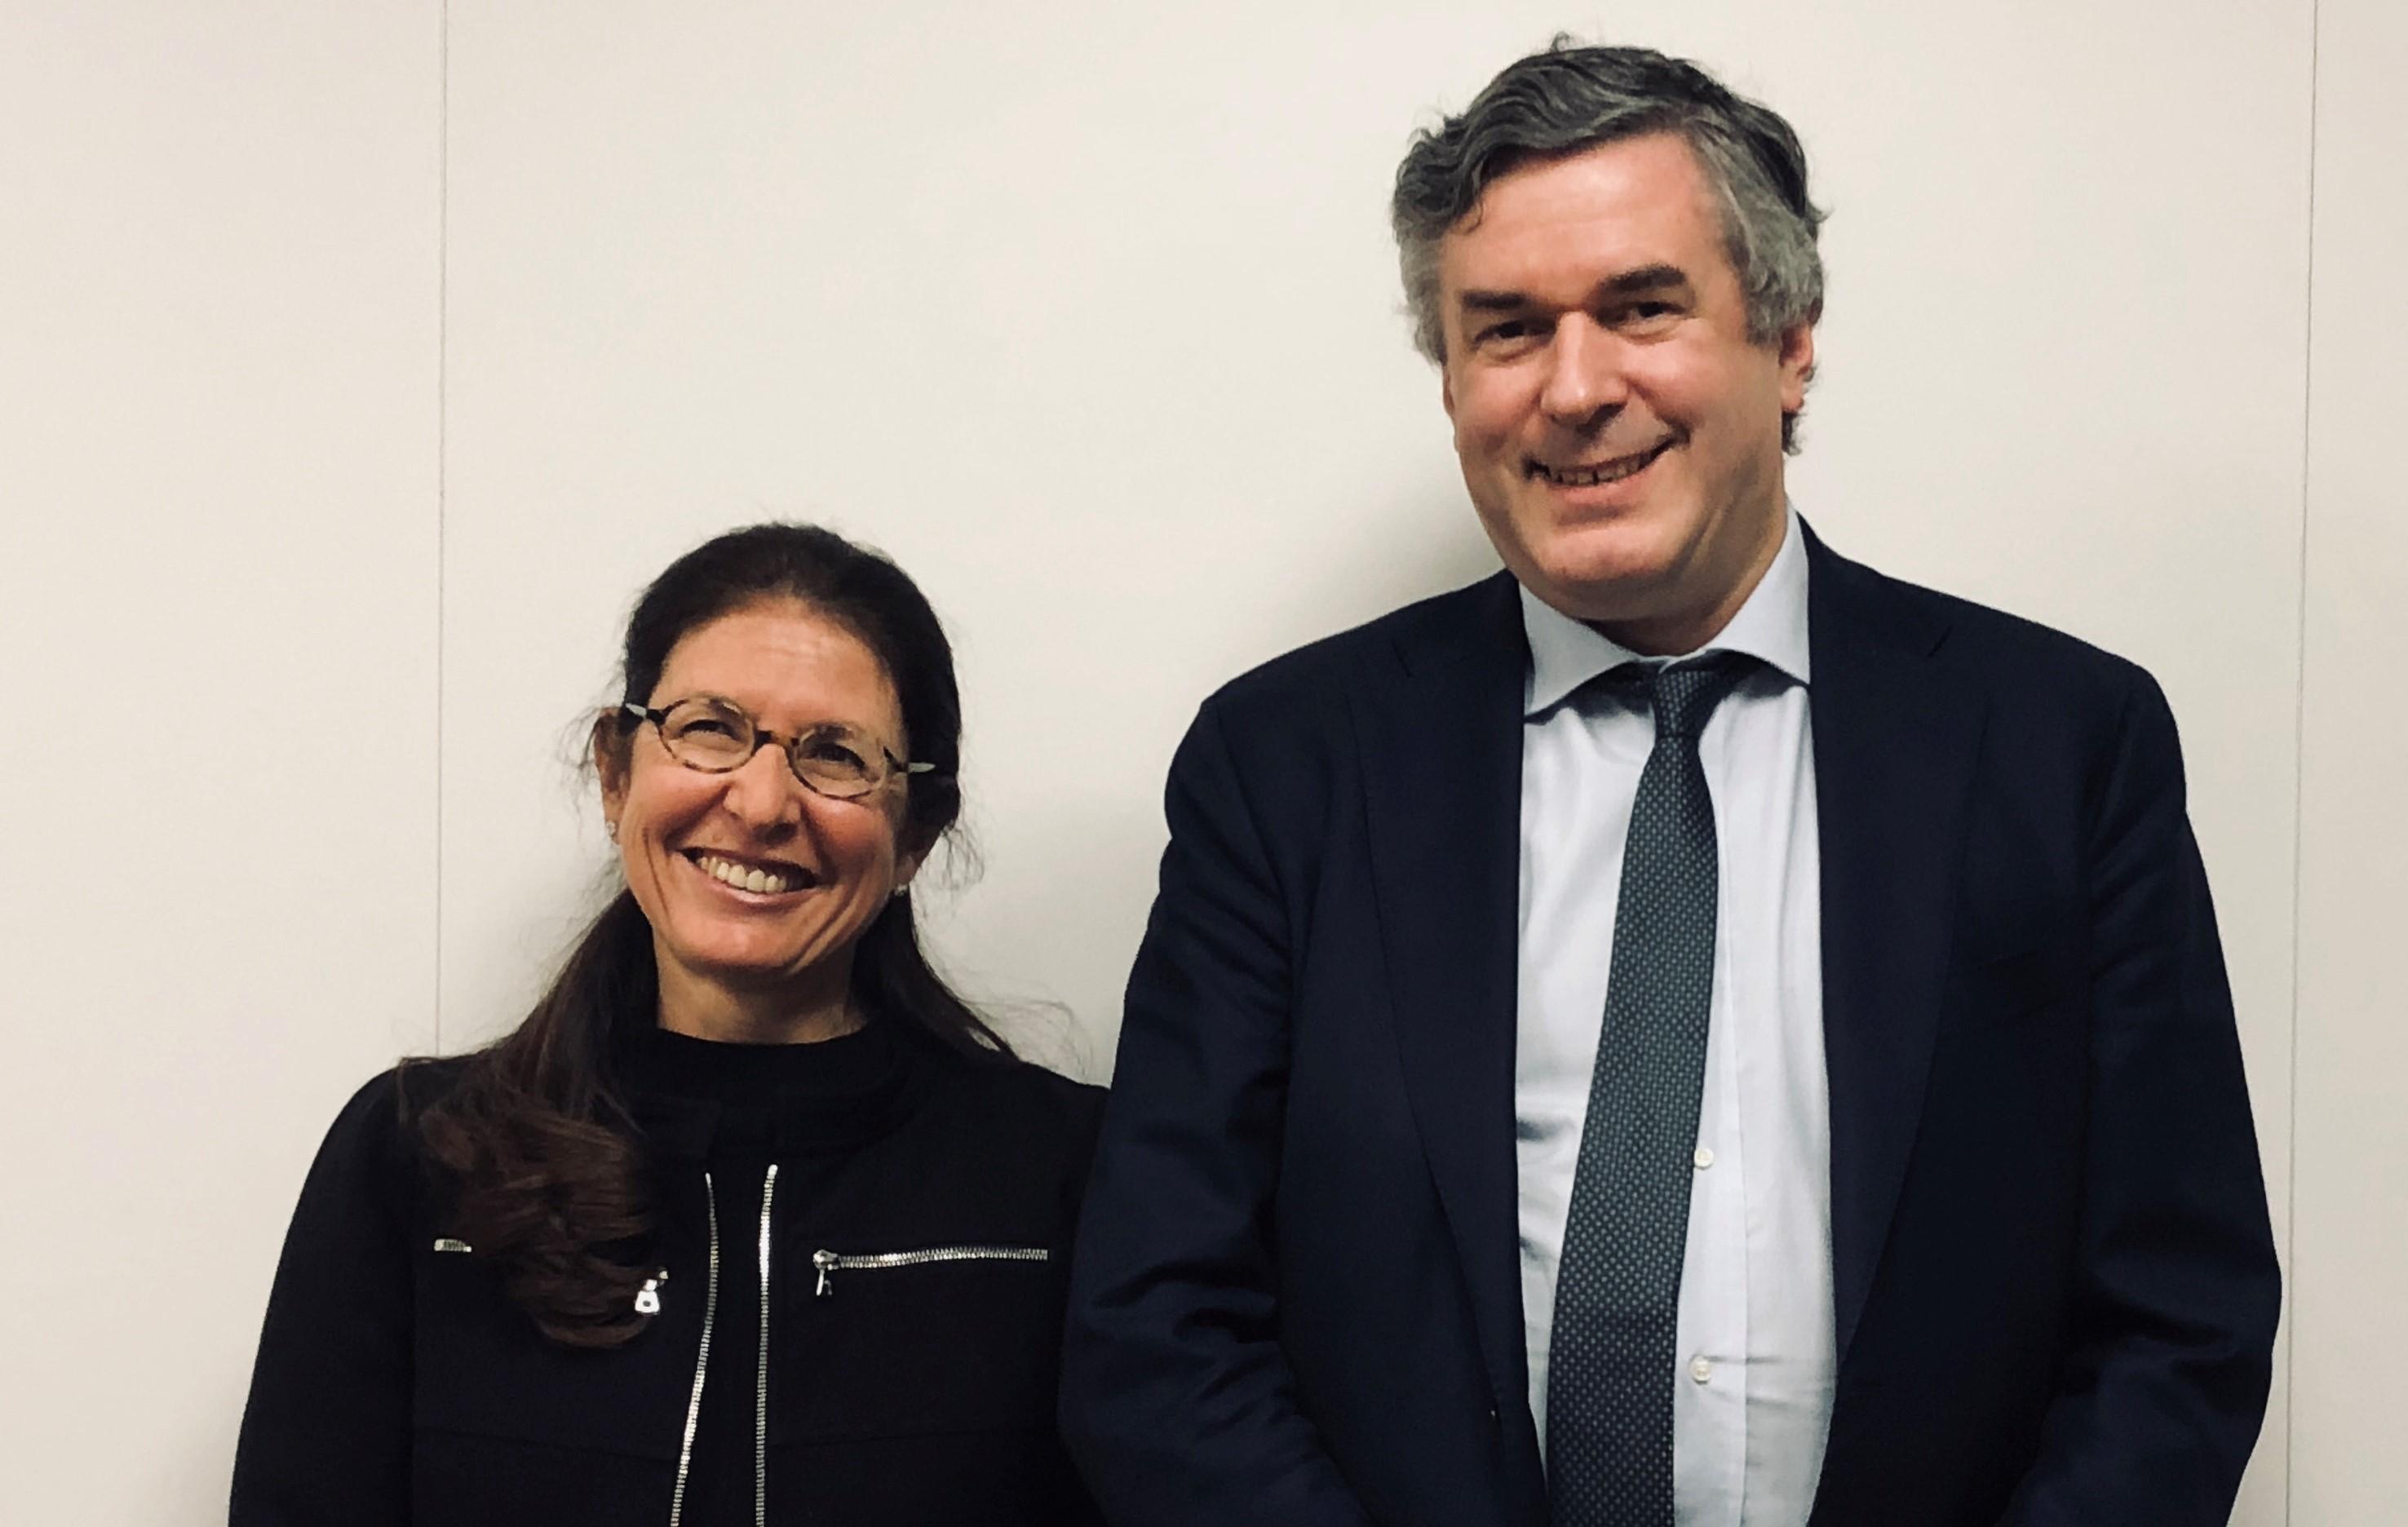 Anne Lalou DG de La Web School Factory et Edouard Husson VP de PSL